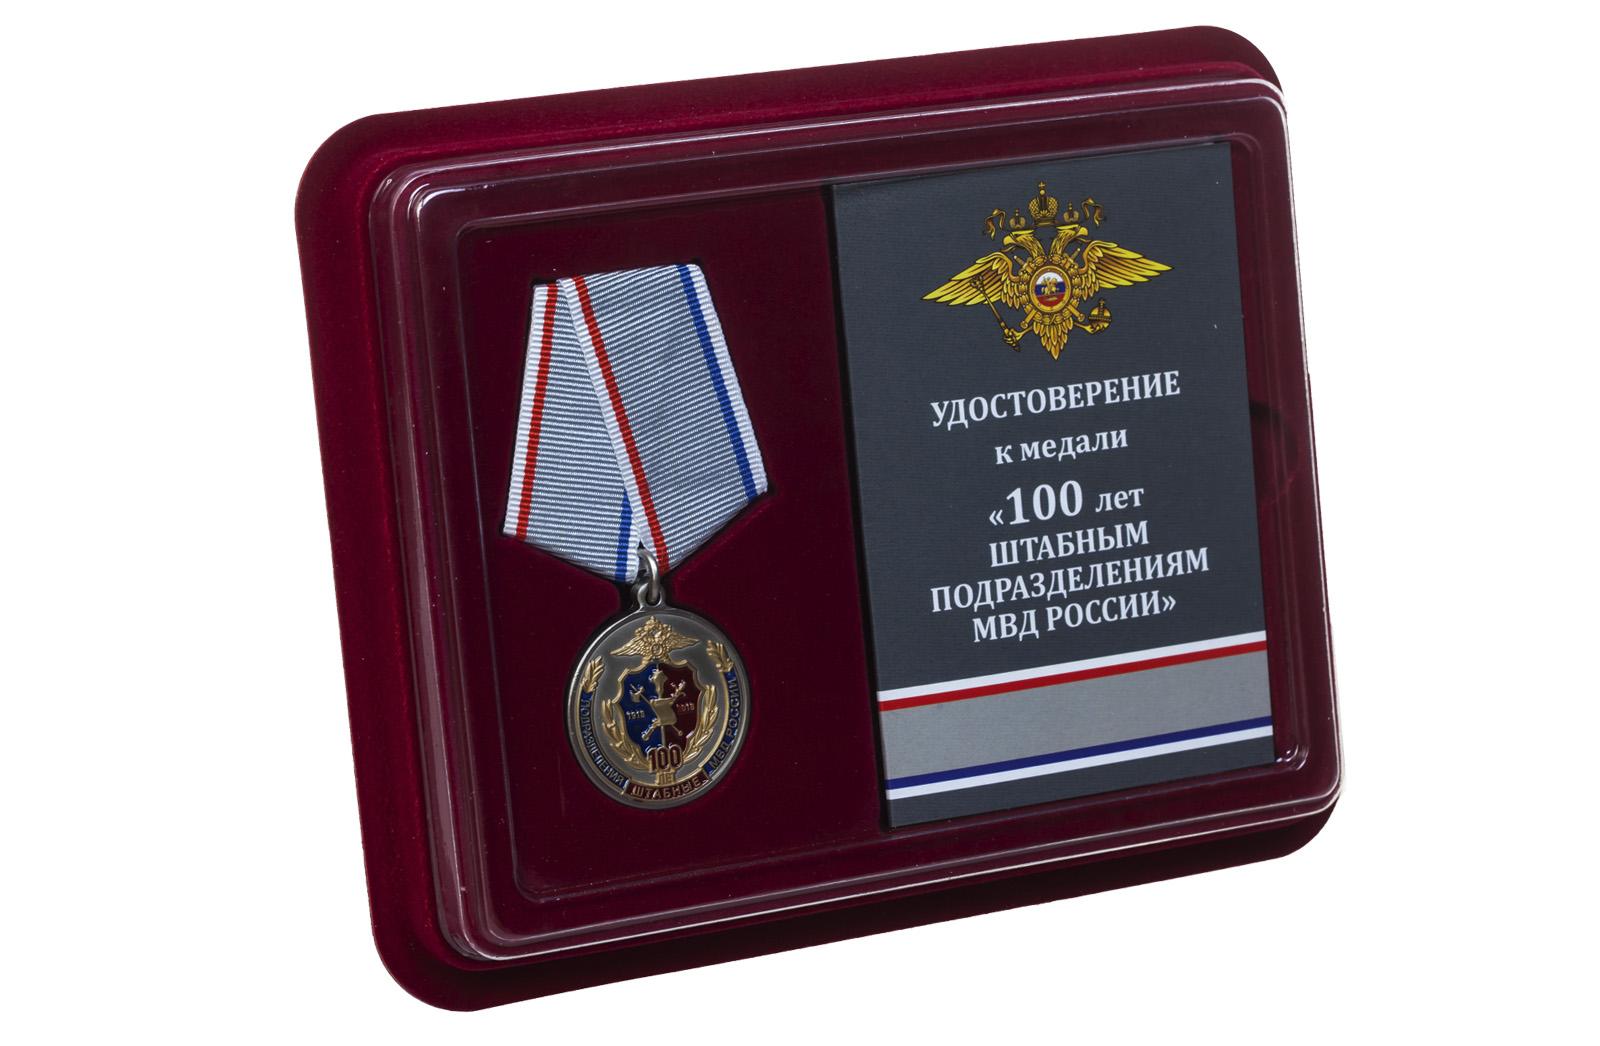 Купить юбилейную медаль 100 лет Штабным подразделениям МВД России по лучшей цене